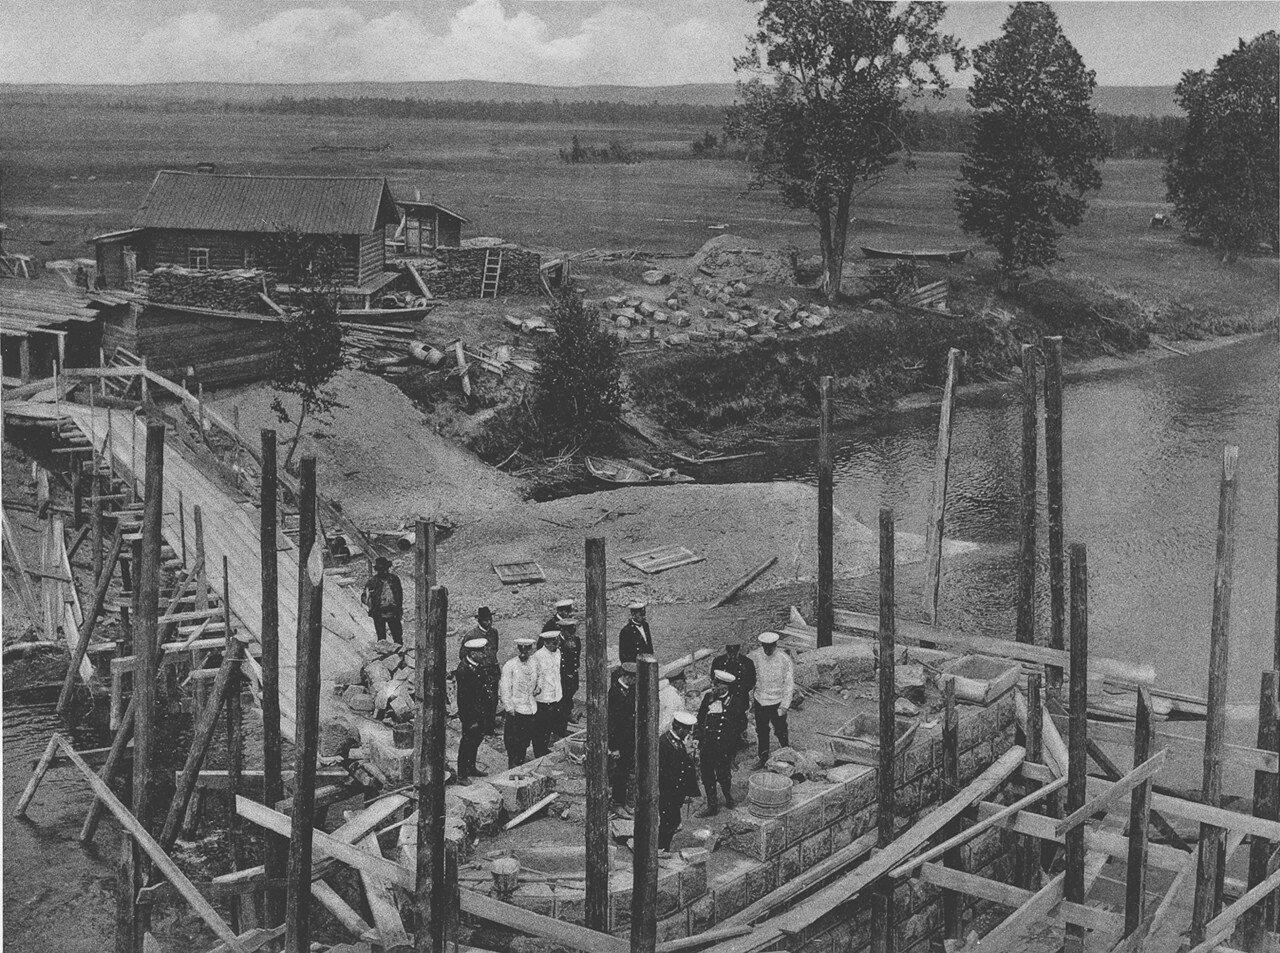 87. 3021 верста. Осмотр комиссией работ по возведению быка моста через р. Китой. Строительный период 1910